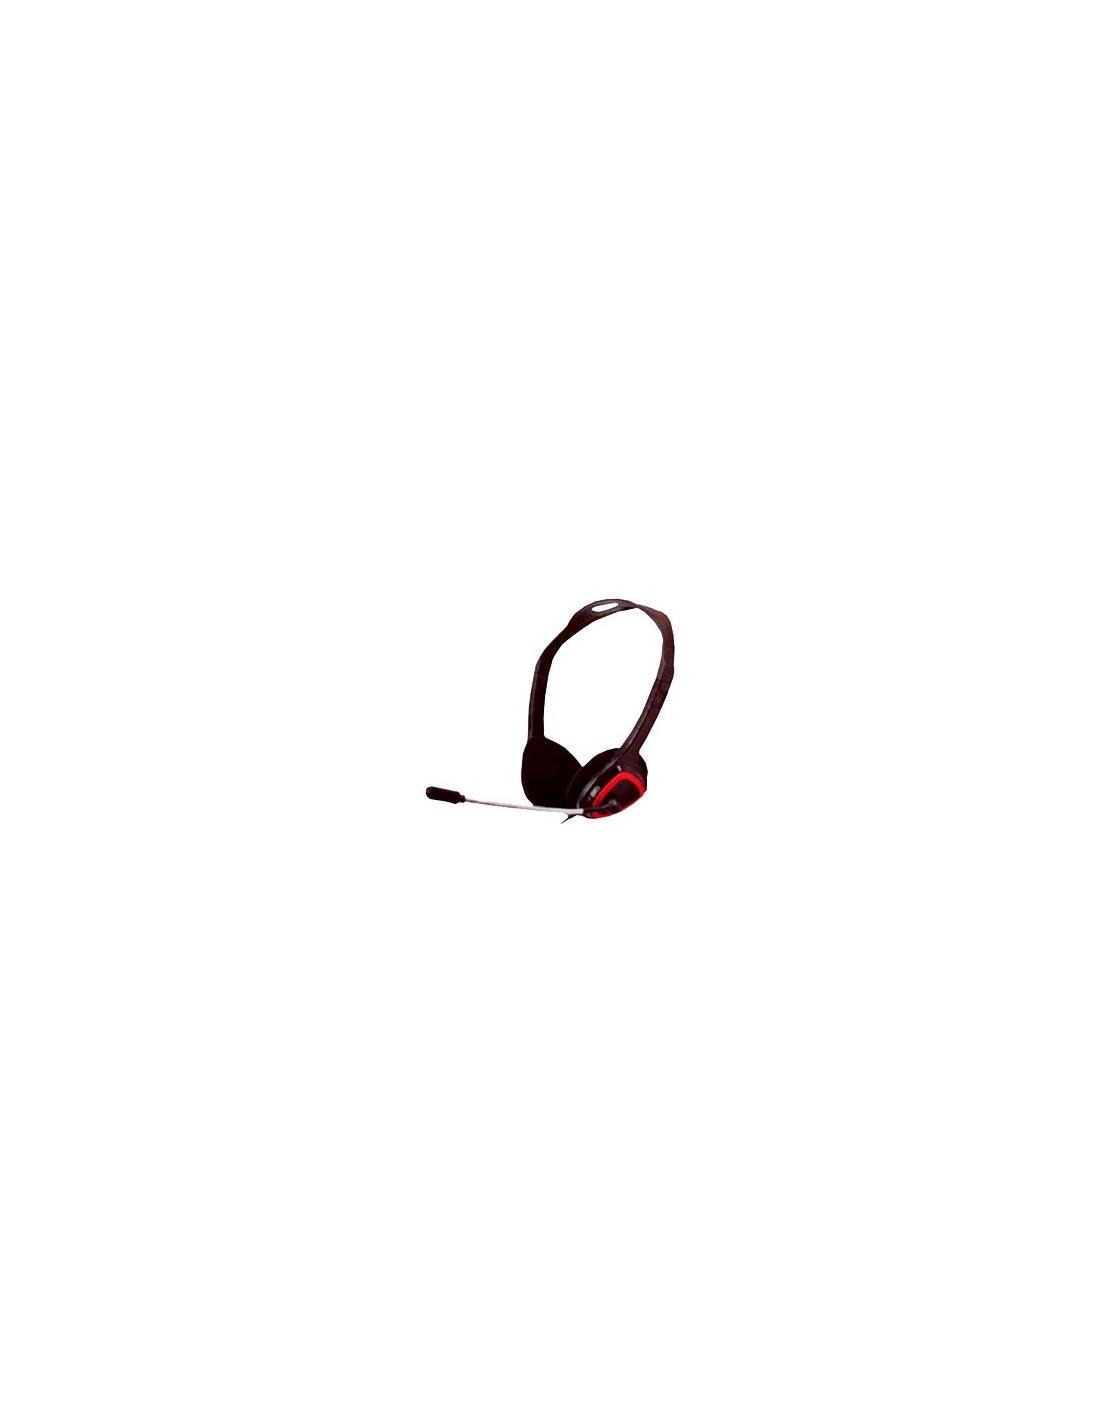 Gtech Super Bass Headphone (MB-390)